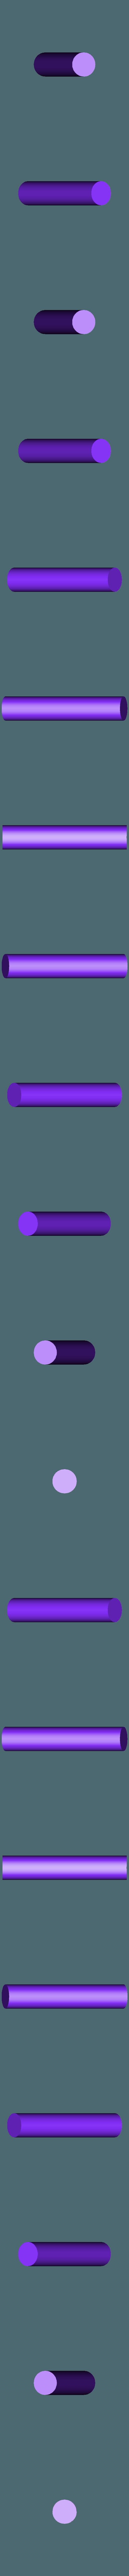 """devidoir_part_roue_axe01.STL Télécharger fichier STL gratuit Dévidoir à scotch """"Monsteranimal T-Rex"""" • Modèle imprimable en 3D, Tibe-Design"""